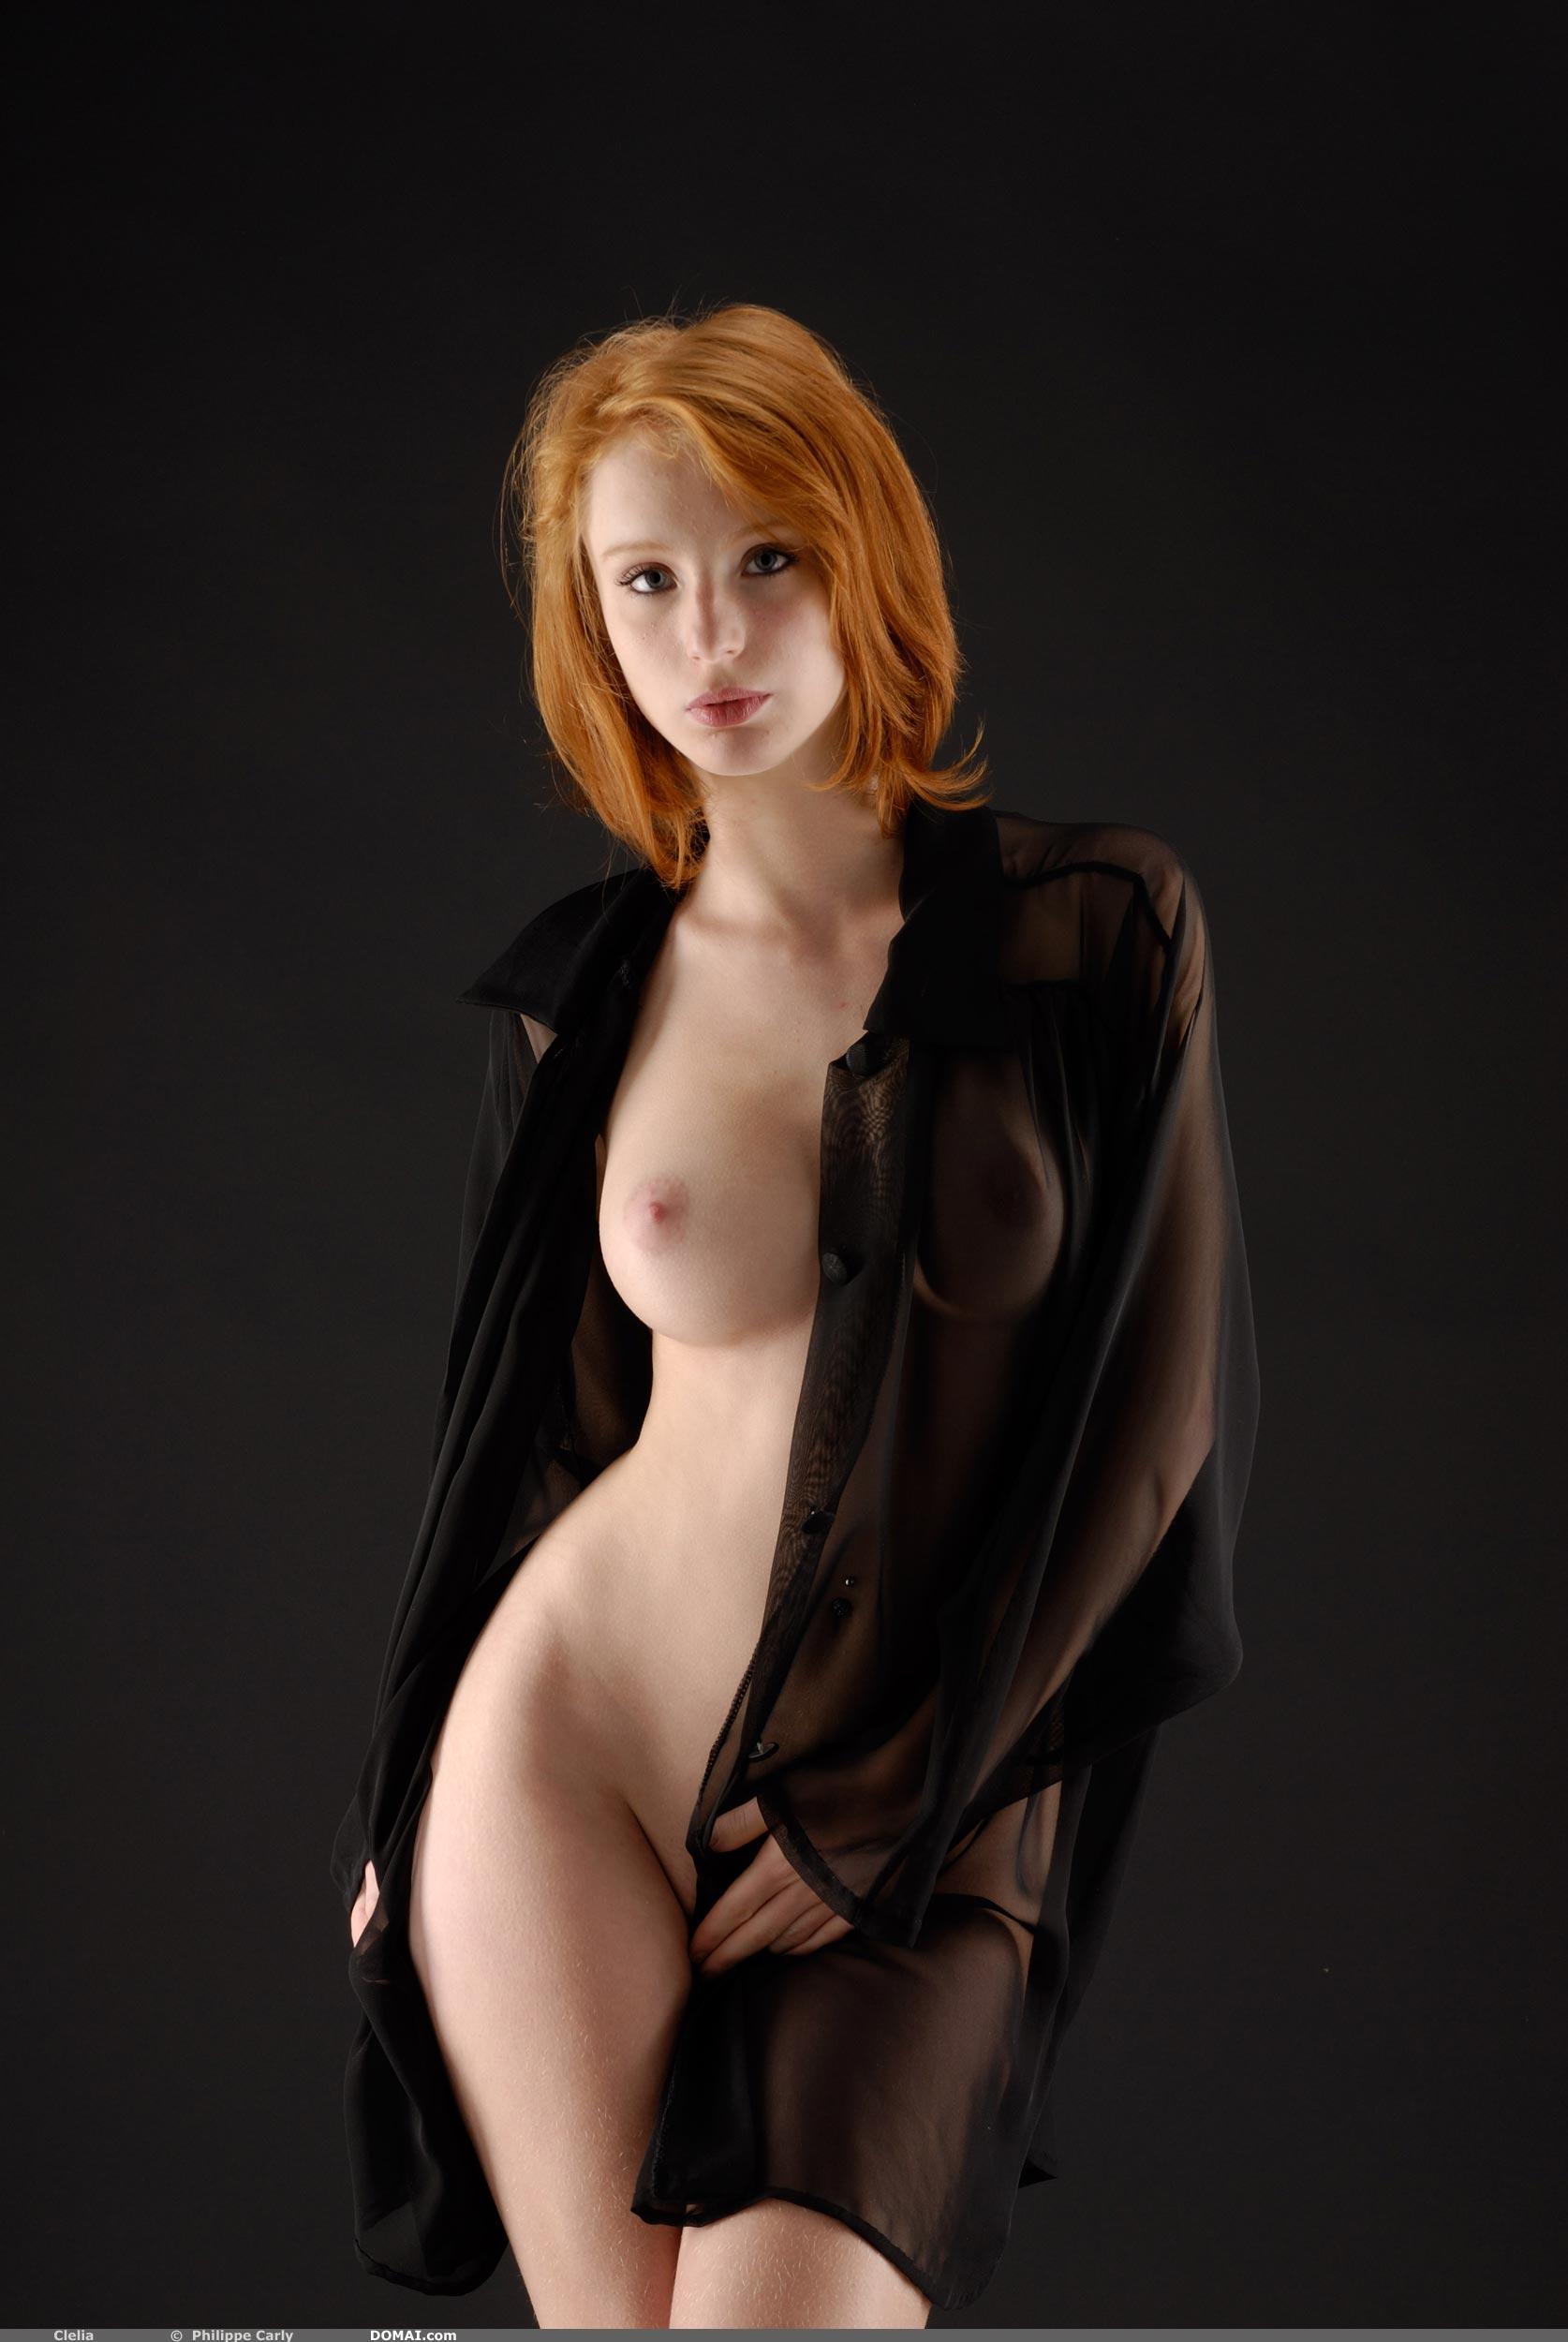 Эротика рыжие девушки 10 фотография